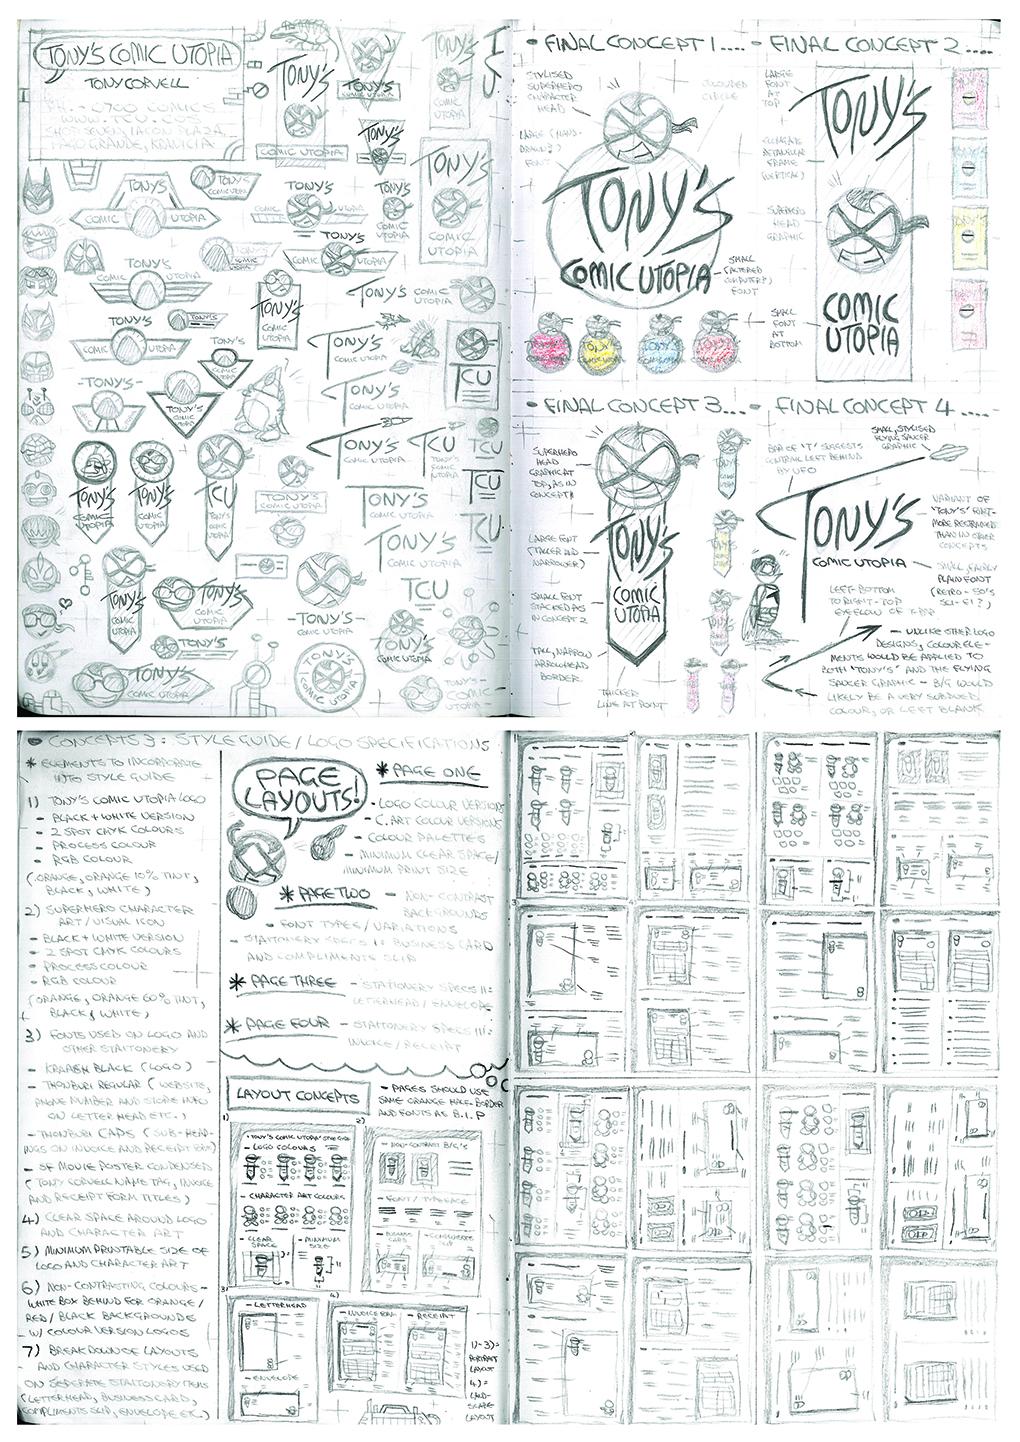 Design School: Tony's rebrand 2